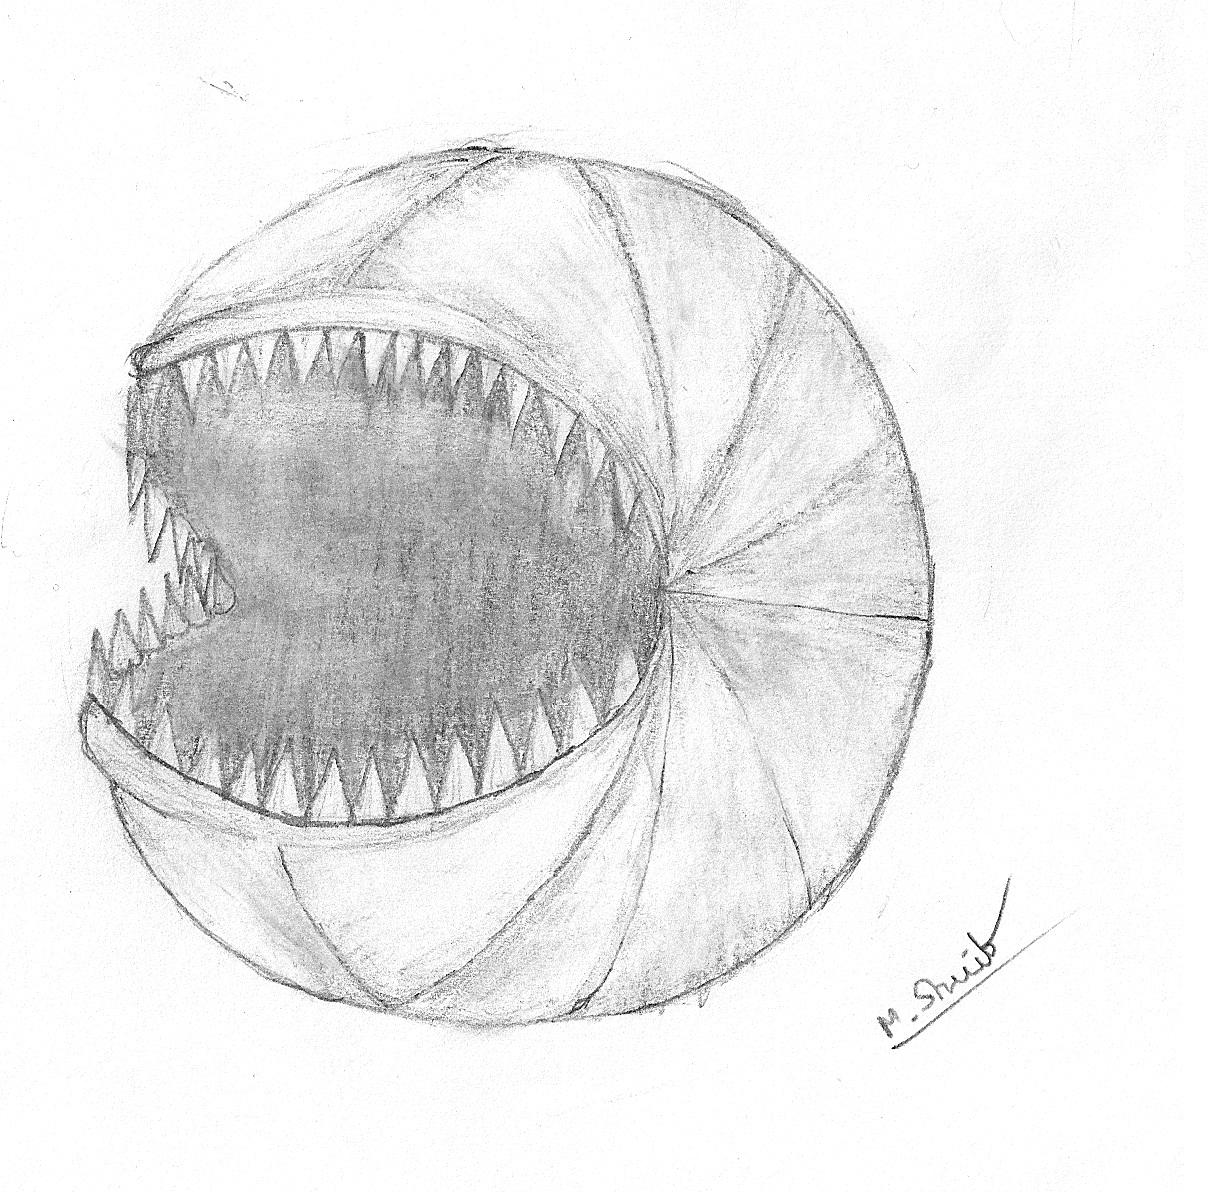 pac shark